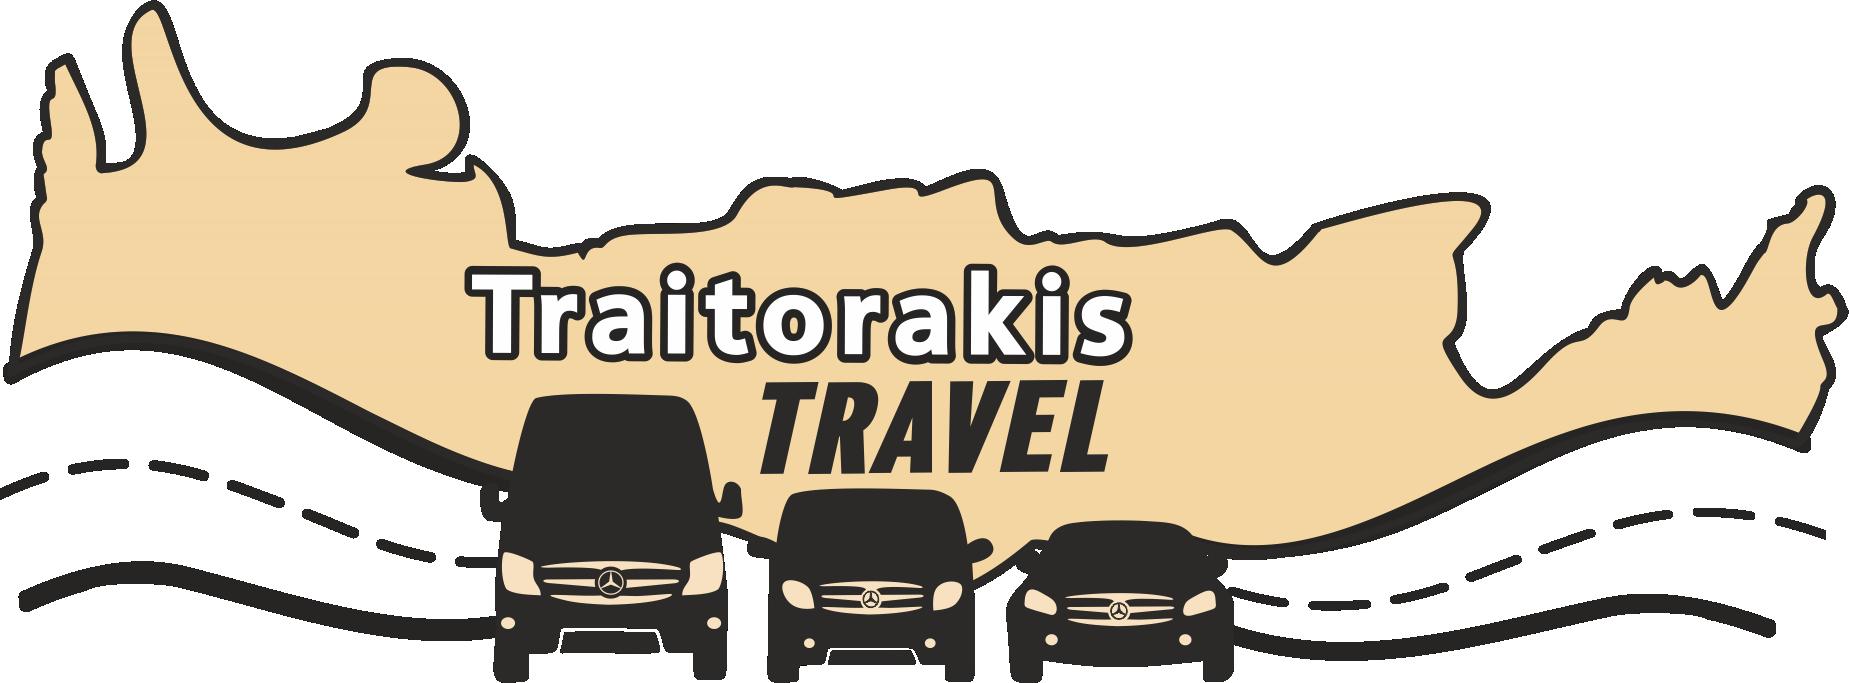 Traitorakis Travel Logo